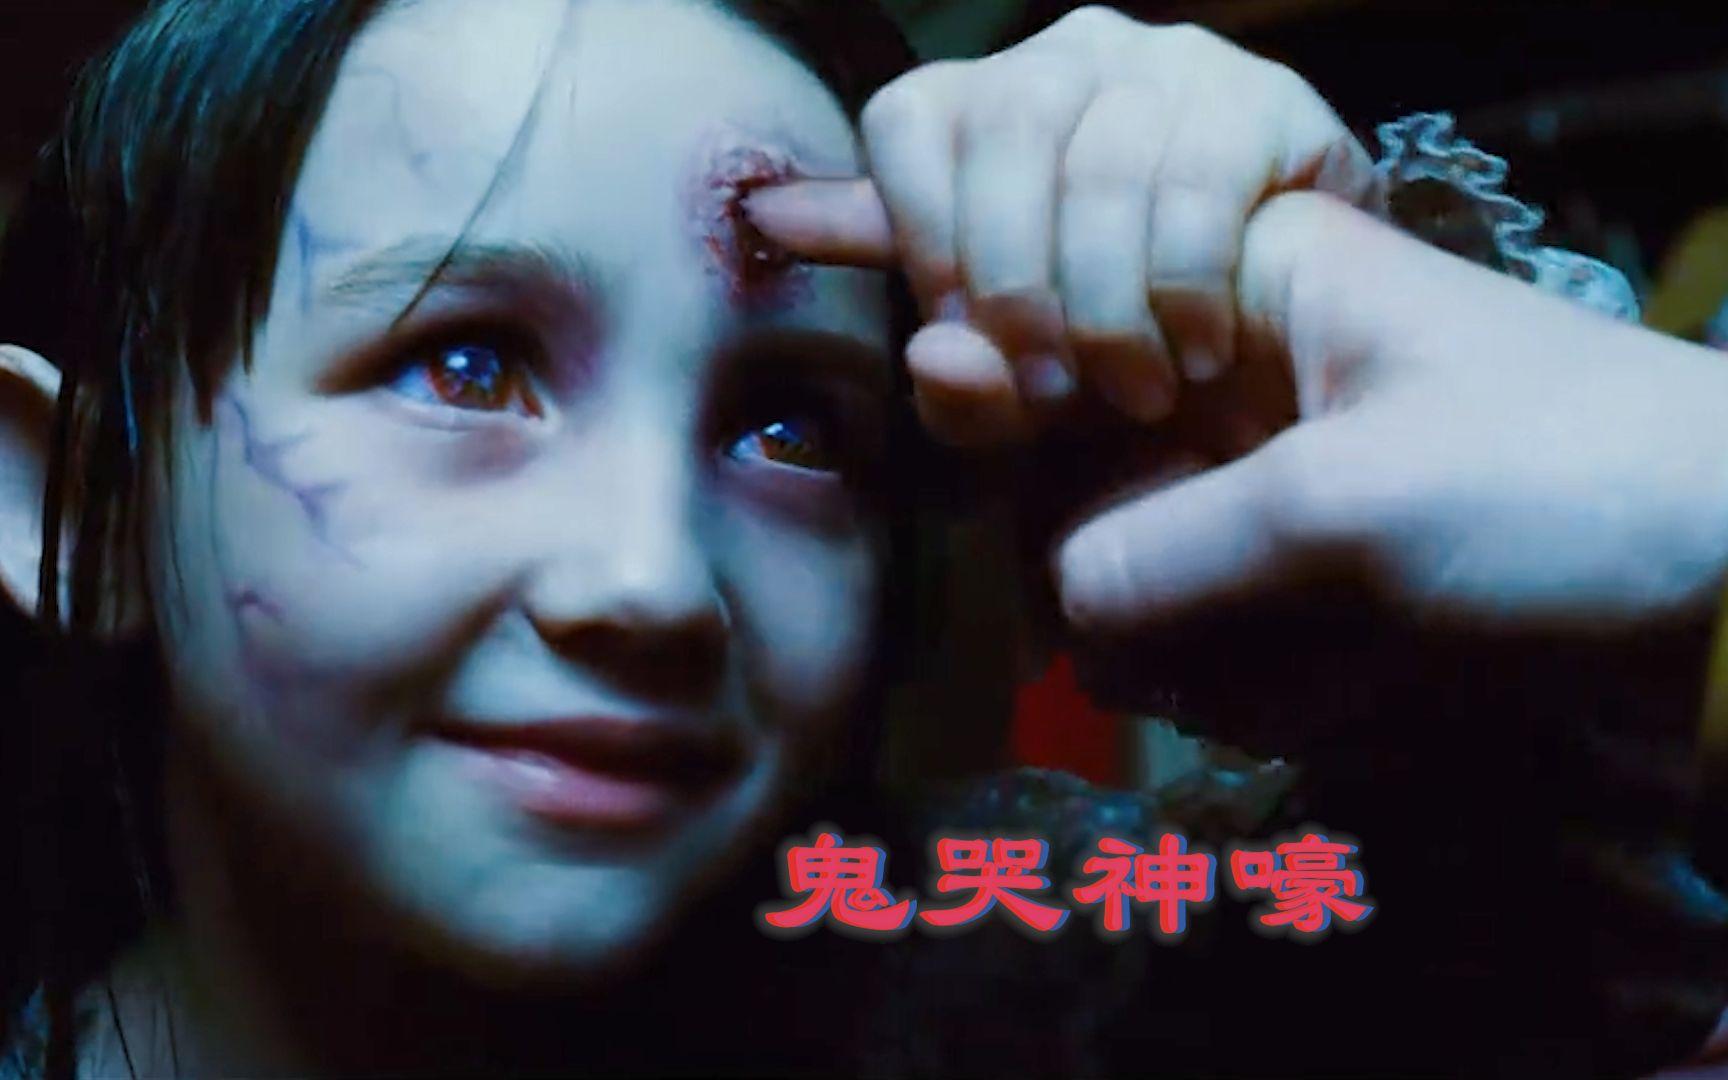 讓人有一種想要興奮狂叫的電影《鬼哭神嚎》!_嗶哩嗶哩 (゜-゜)つロ 干杯~-bilibili